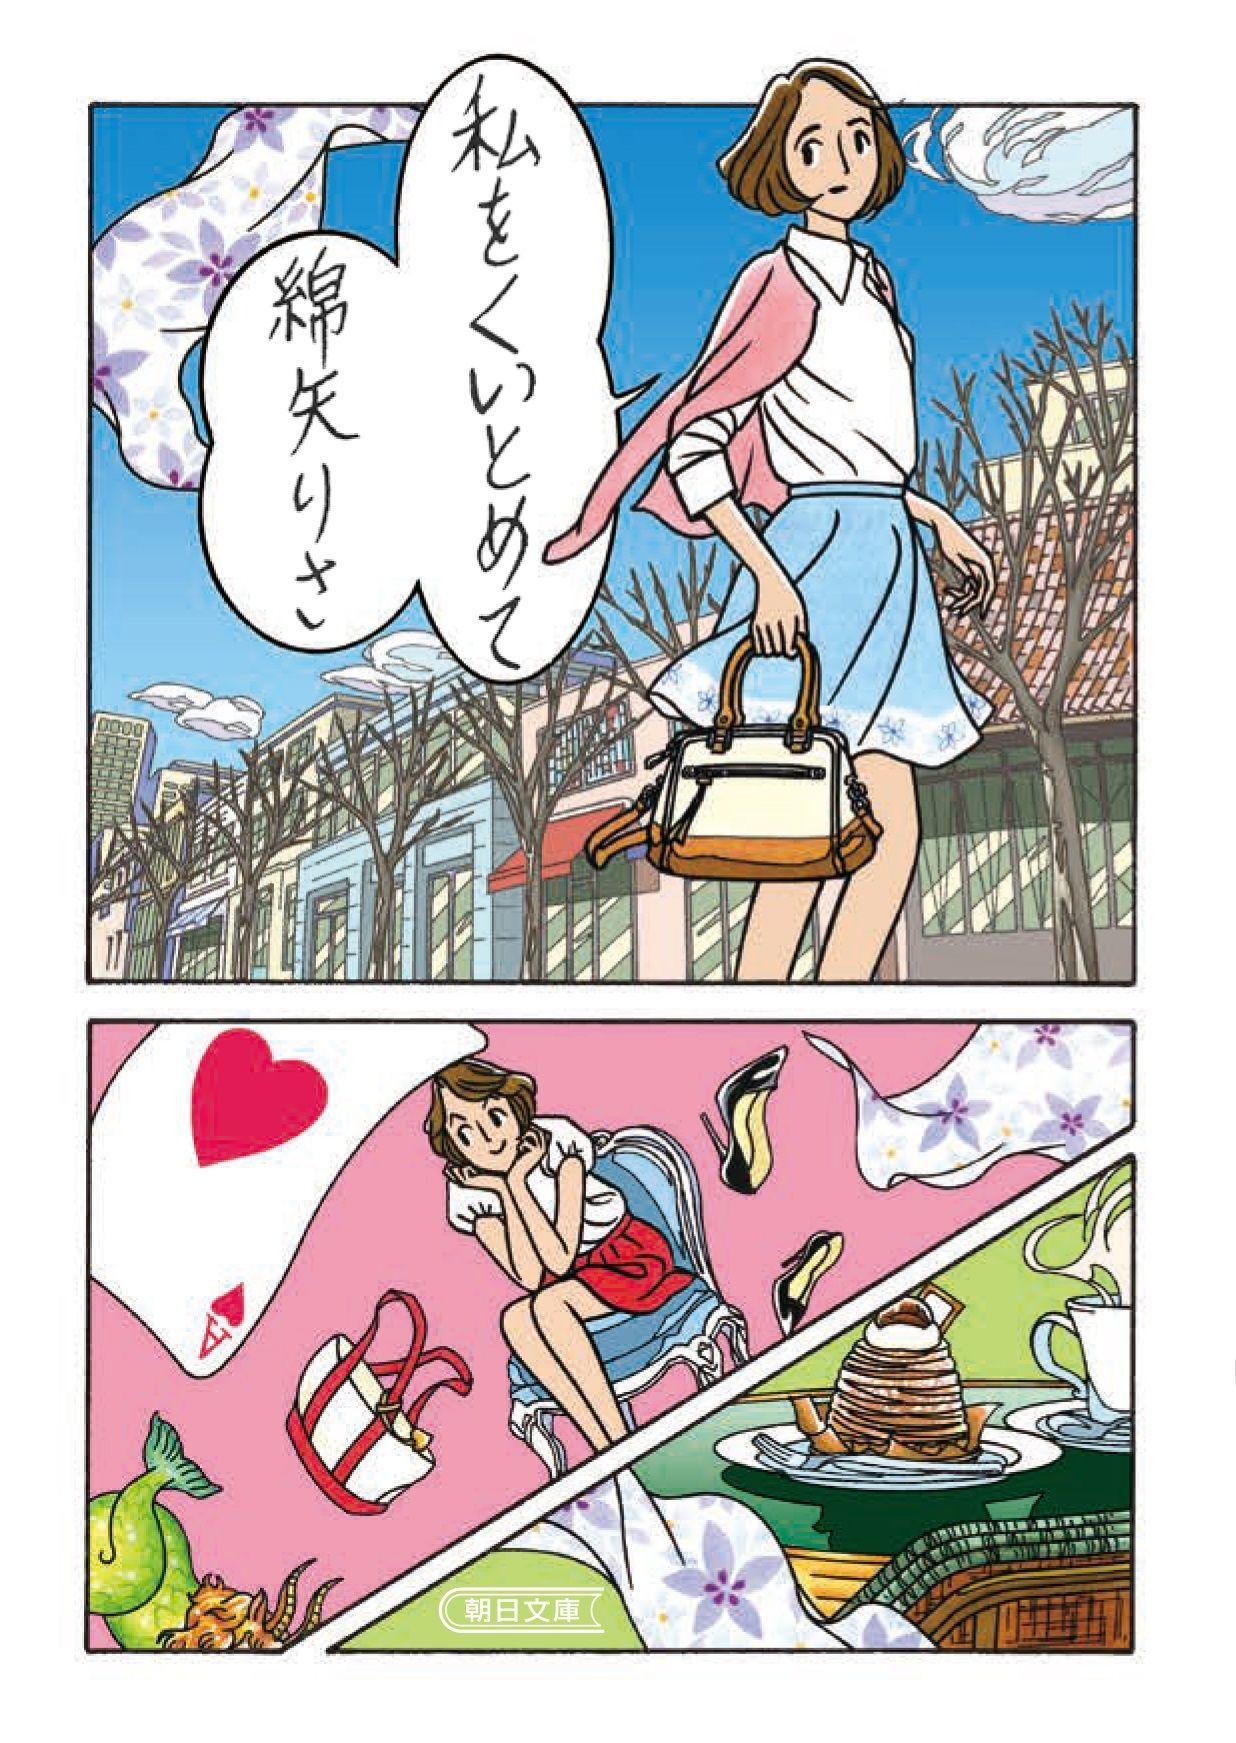 綿矢りさ『私をくいとめて』(朝日文庫)